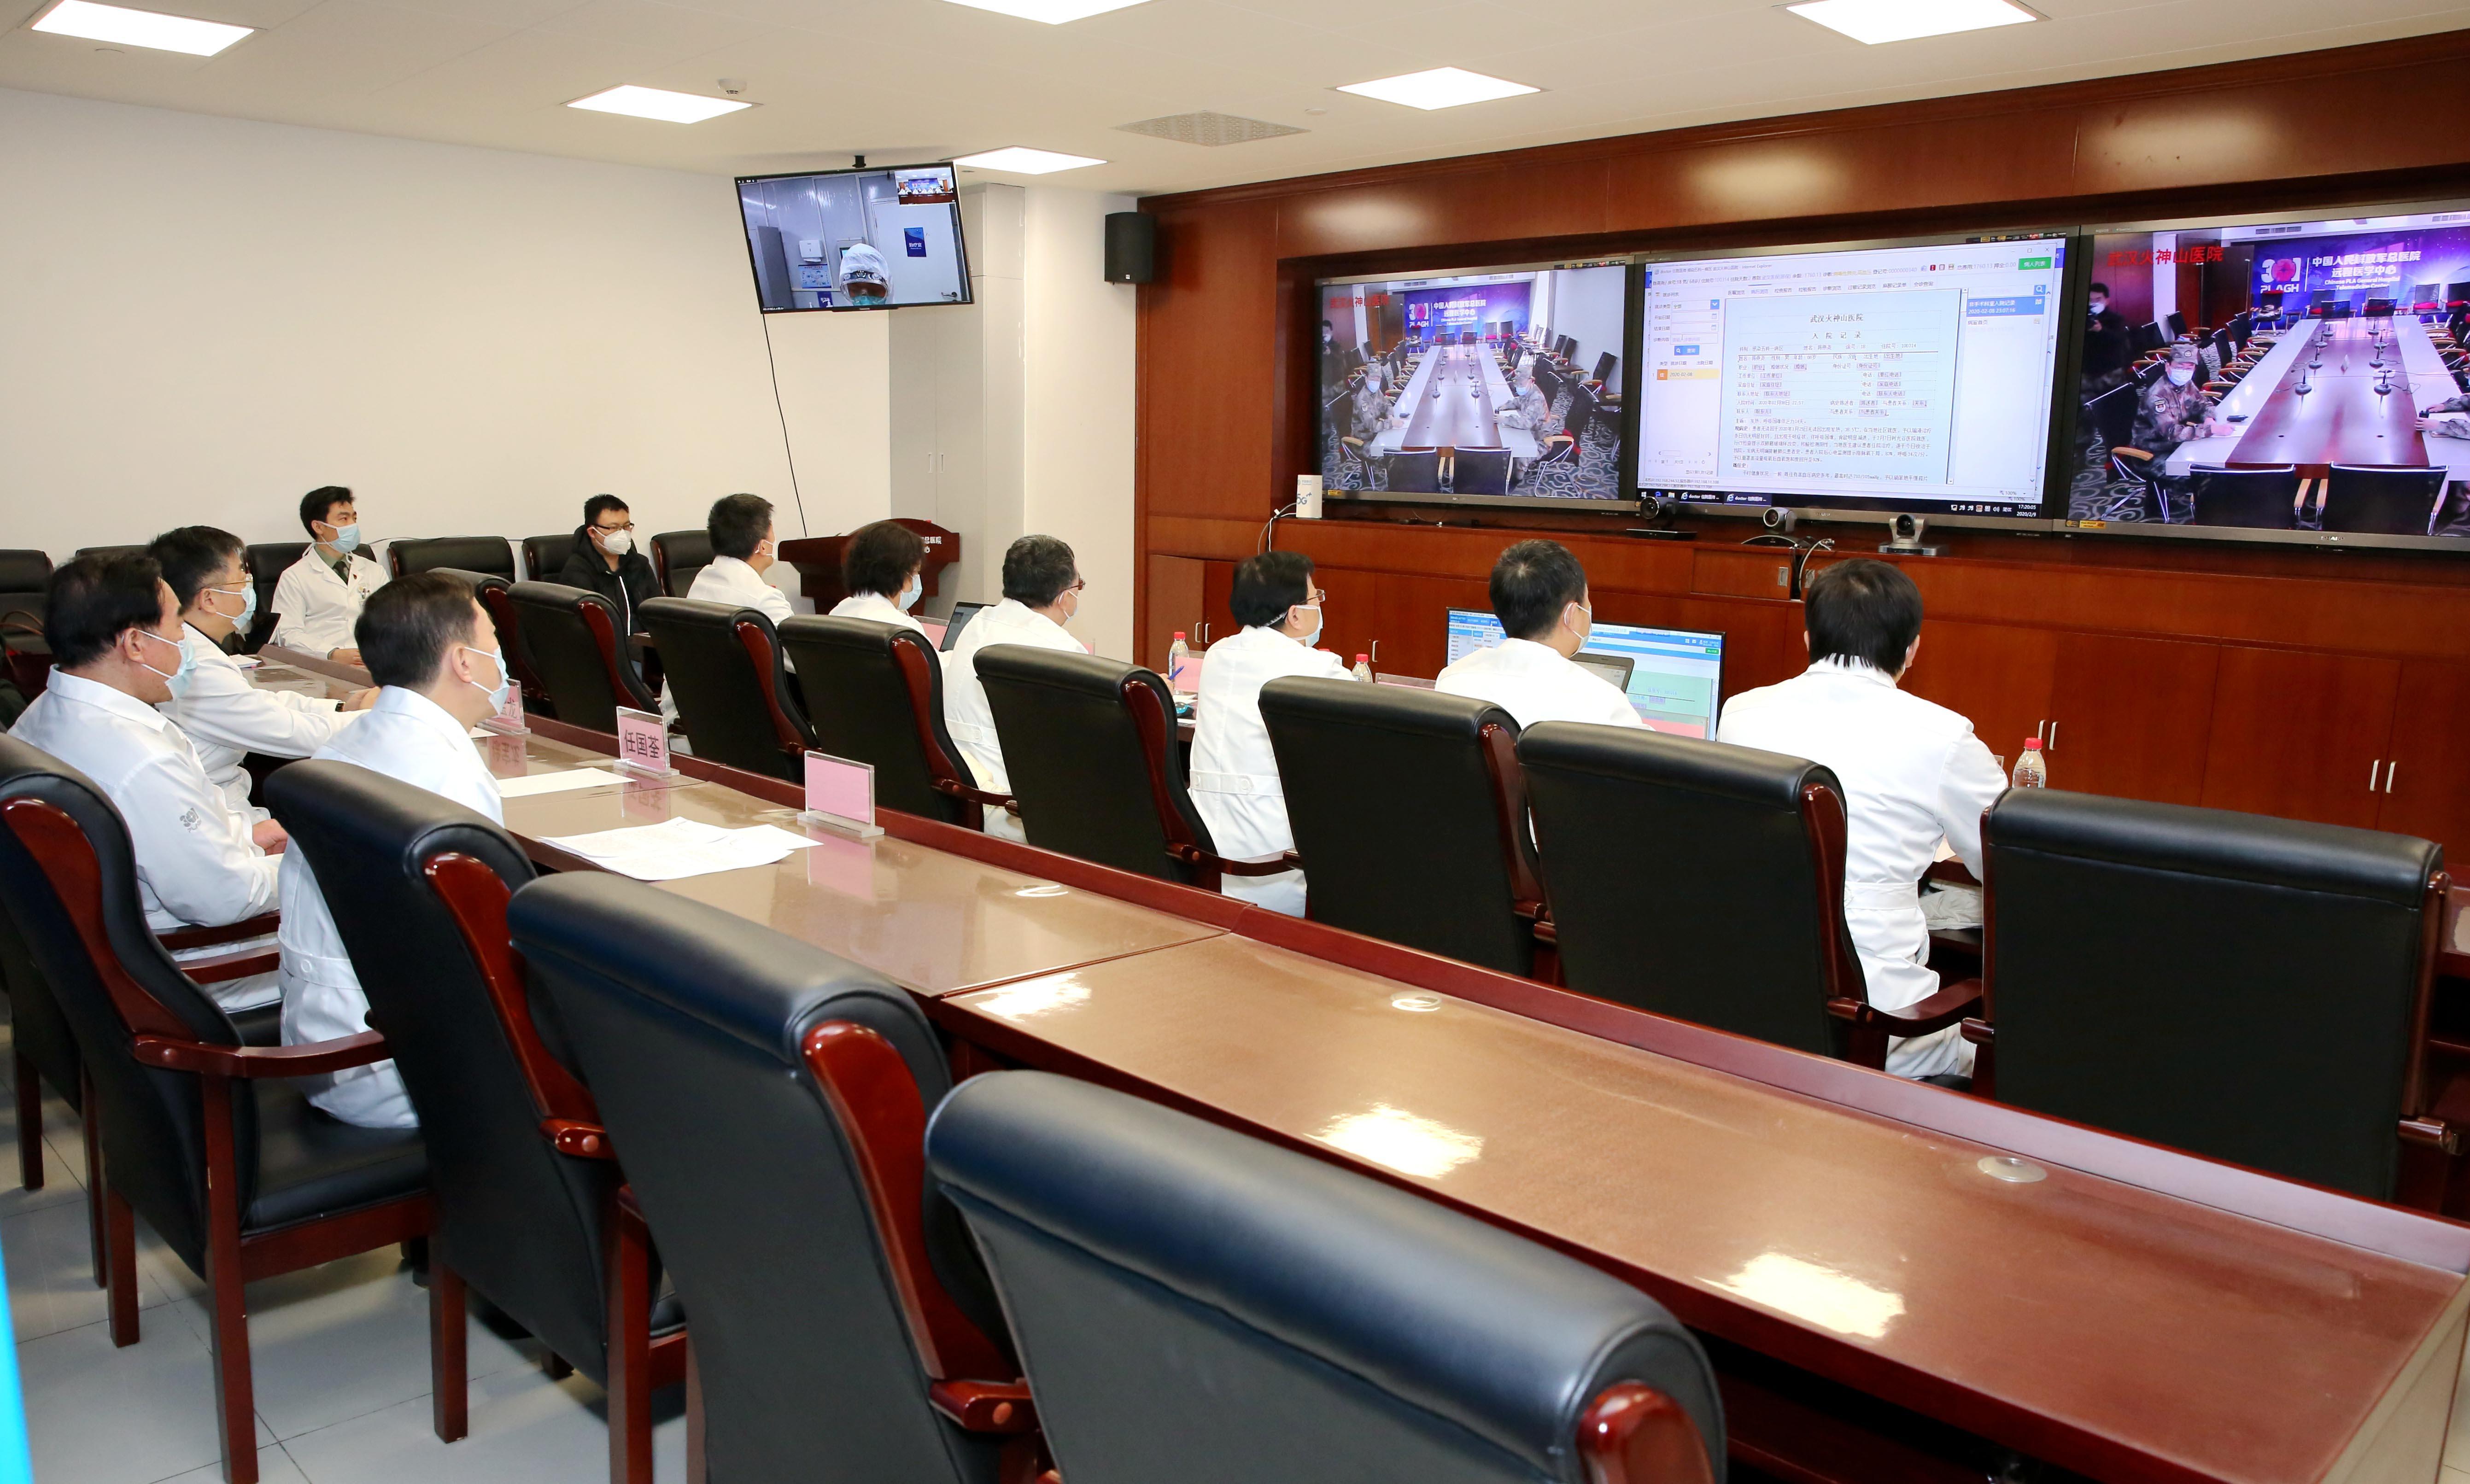 北京と武漢の病院、5Gを使った遠隔診療実施